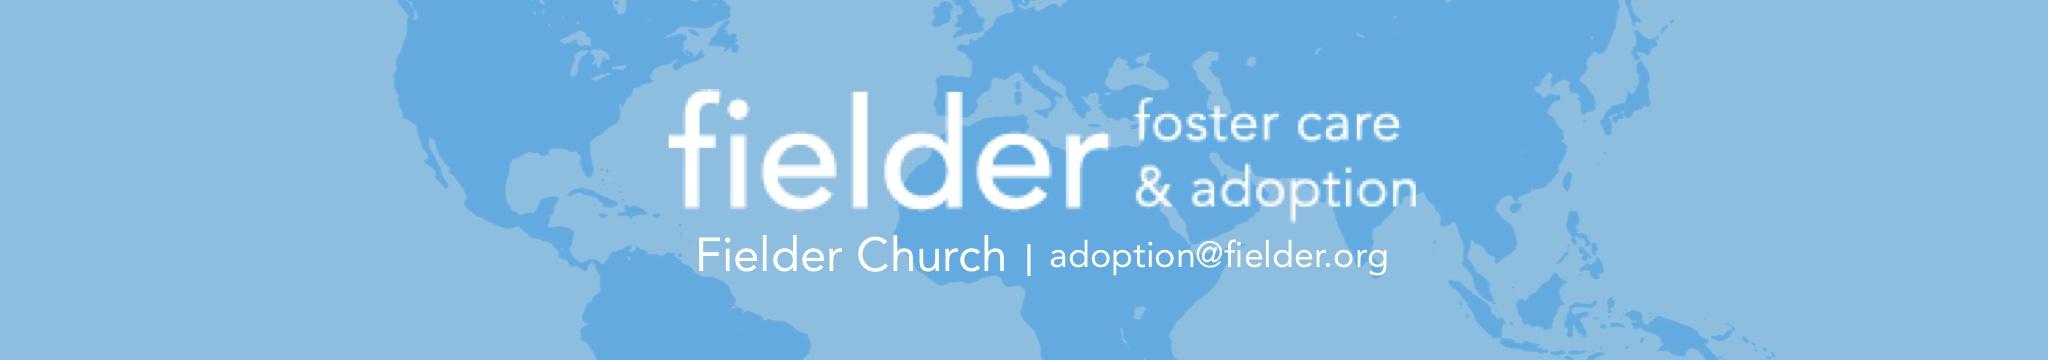 Fielder Missions Banner